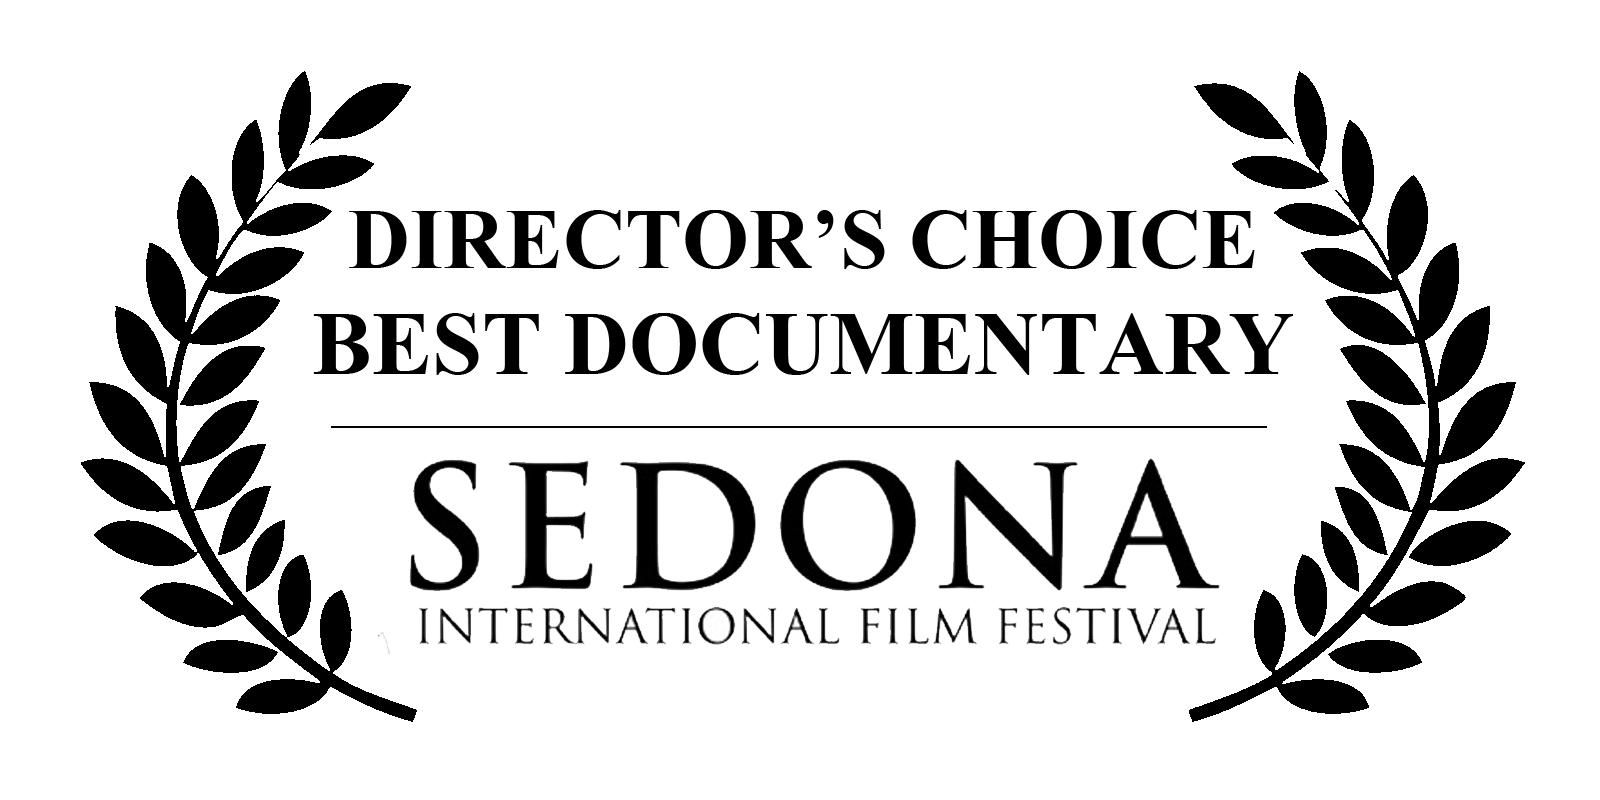 SEDONA-DIRECTORS-CHOICE-AWARD.png